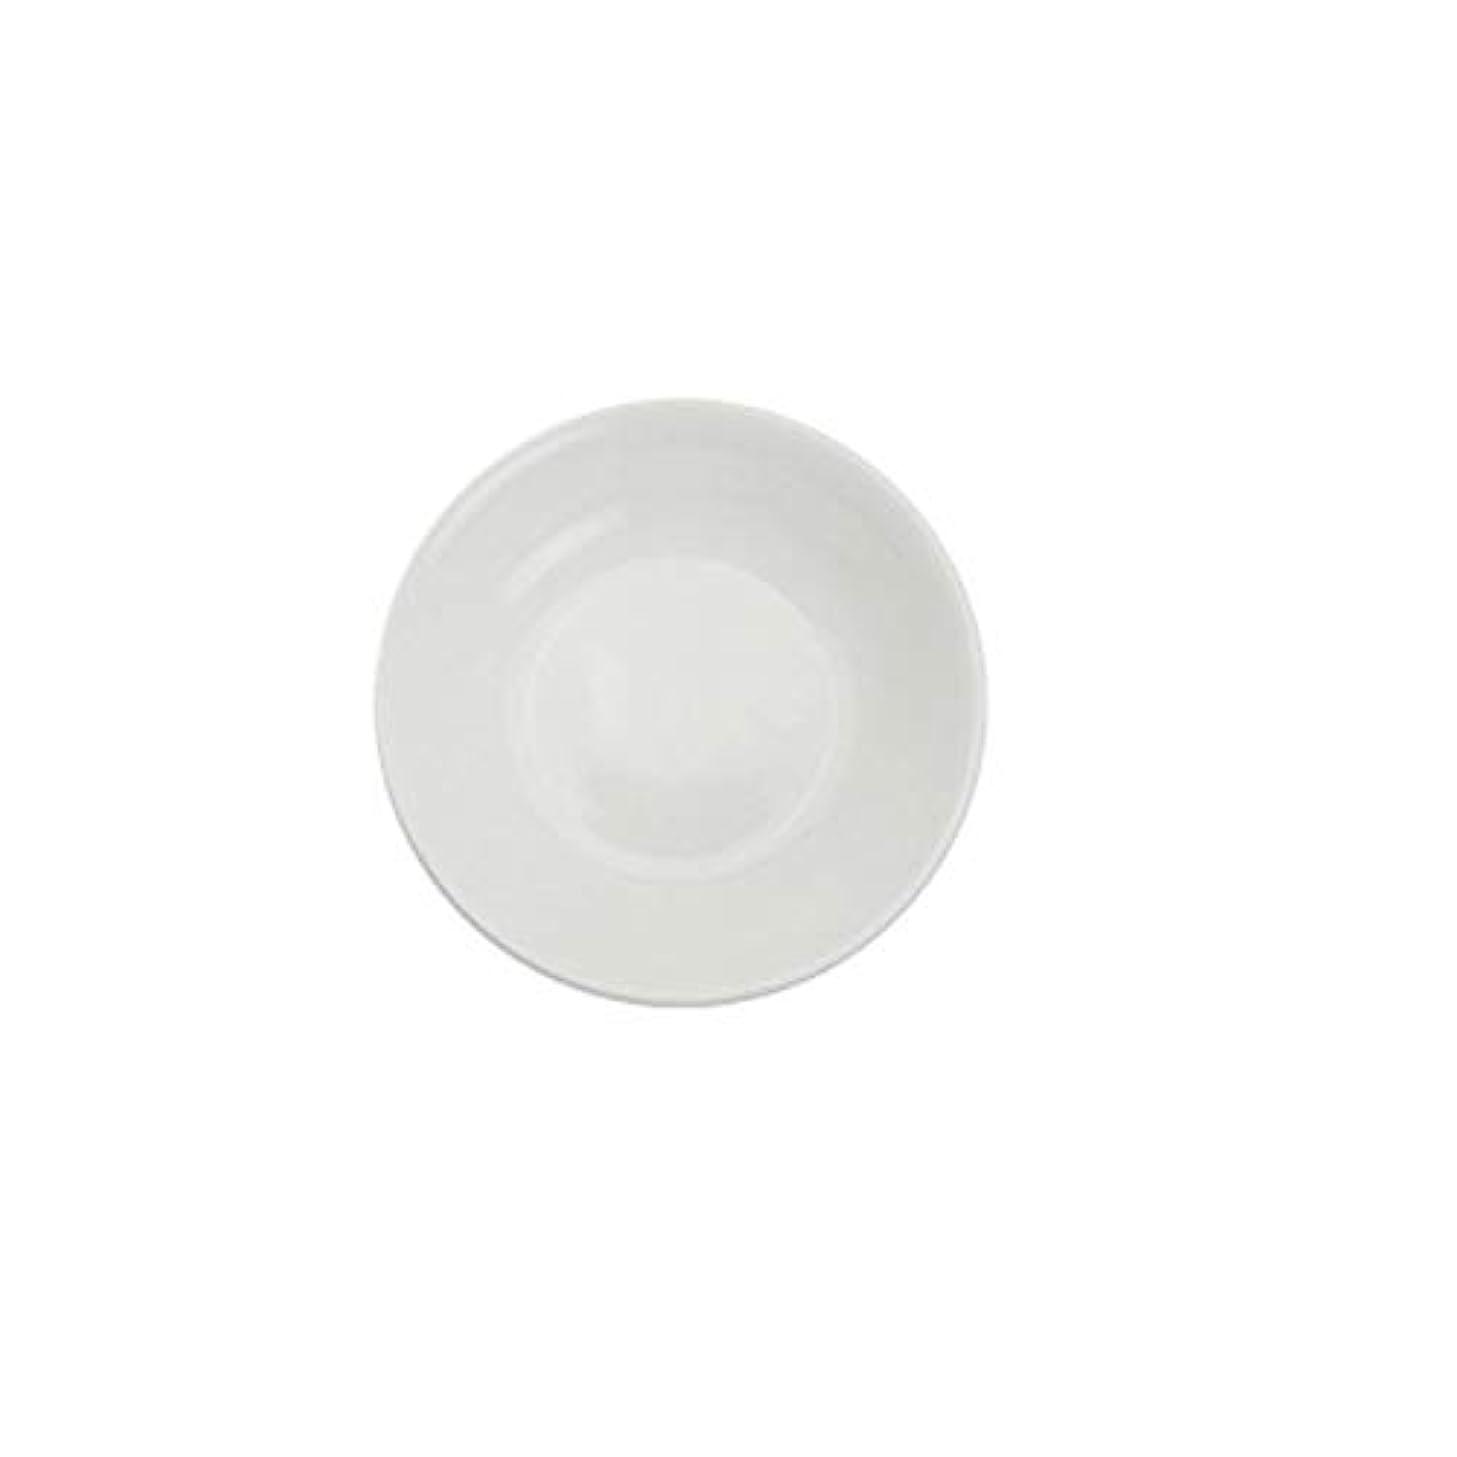 水星壮大なもっと少なくお換えのお皿 白いお皿 茶香炉 陶器茶香炉 茶こうろ 茶 インテリア アロマディフューザー 精油和風 アロマ リビング セットお皿だけ